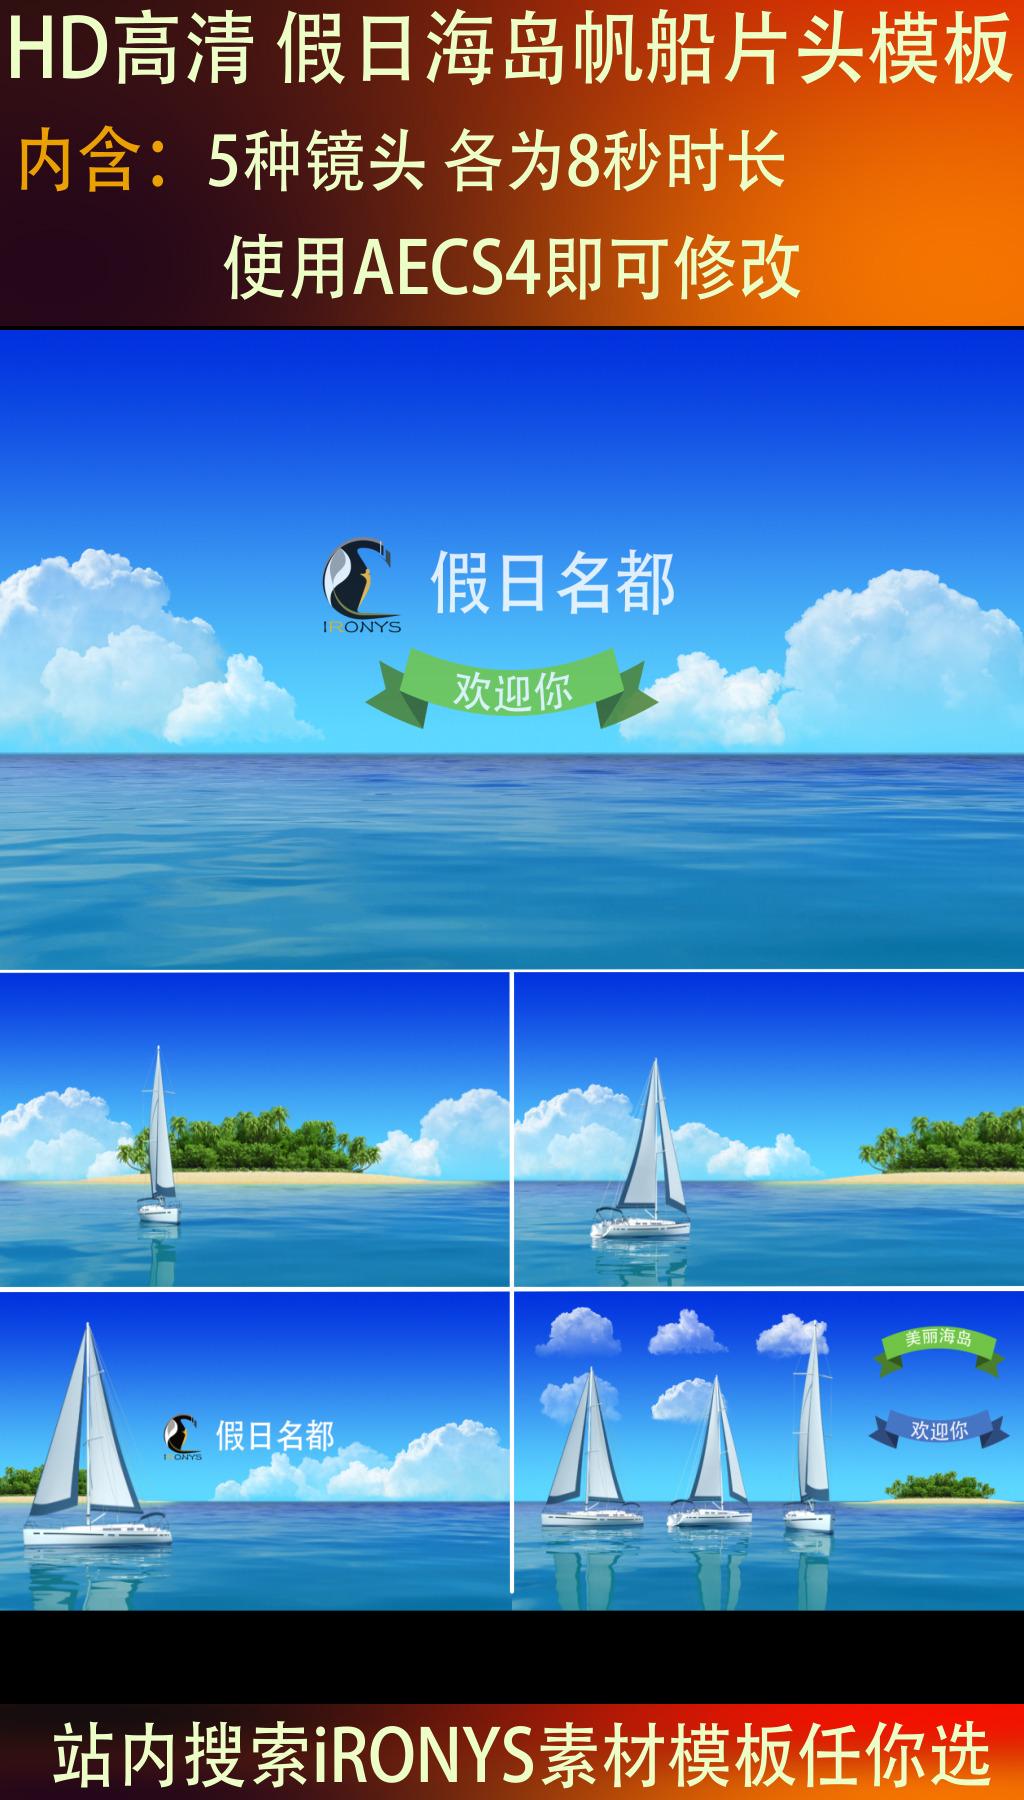 ae清爽夏日海岛宣传片头模板